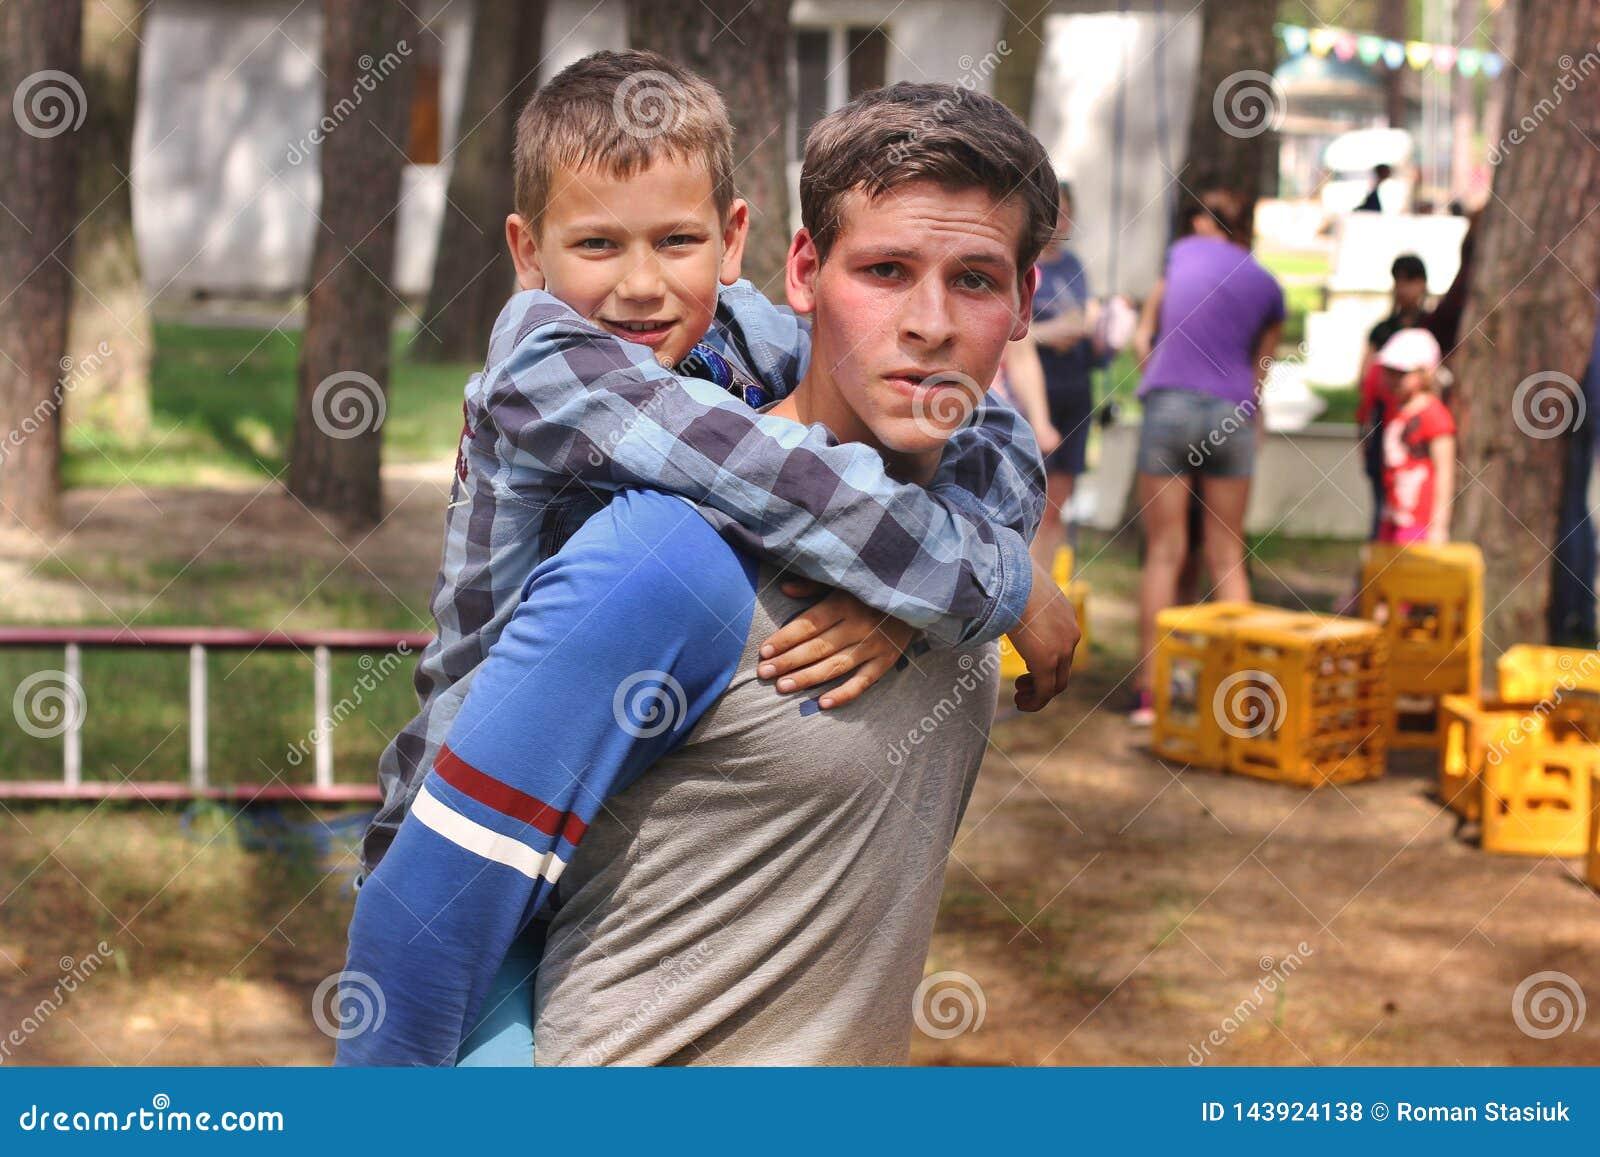 Mena, Ucr?nia - 11 de maio de 2018: O indiv?duo dos esportes est? retendo um menino pequeno no seu Jogos ao ar livre lazer